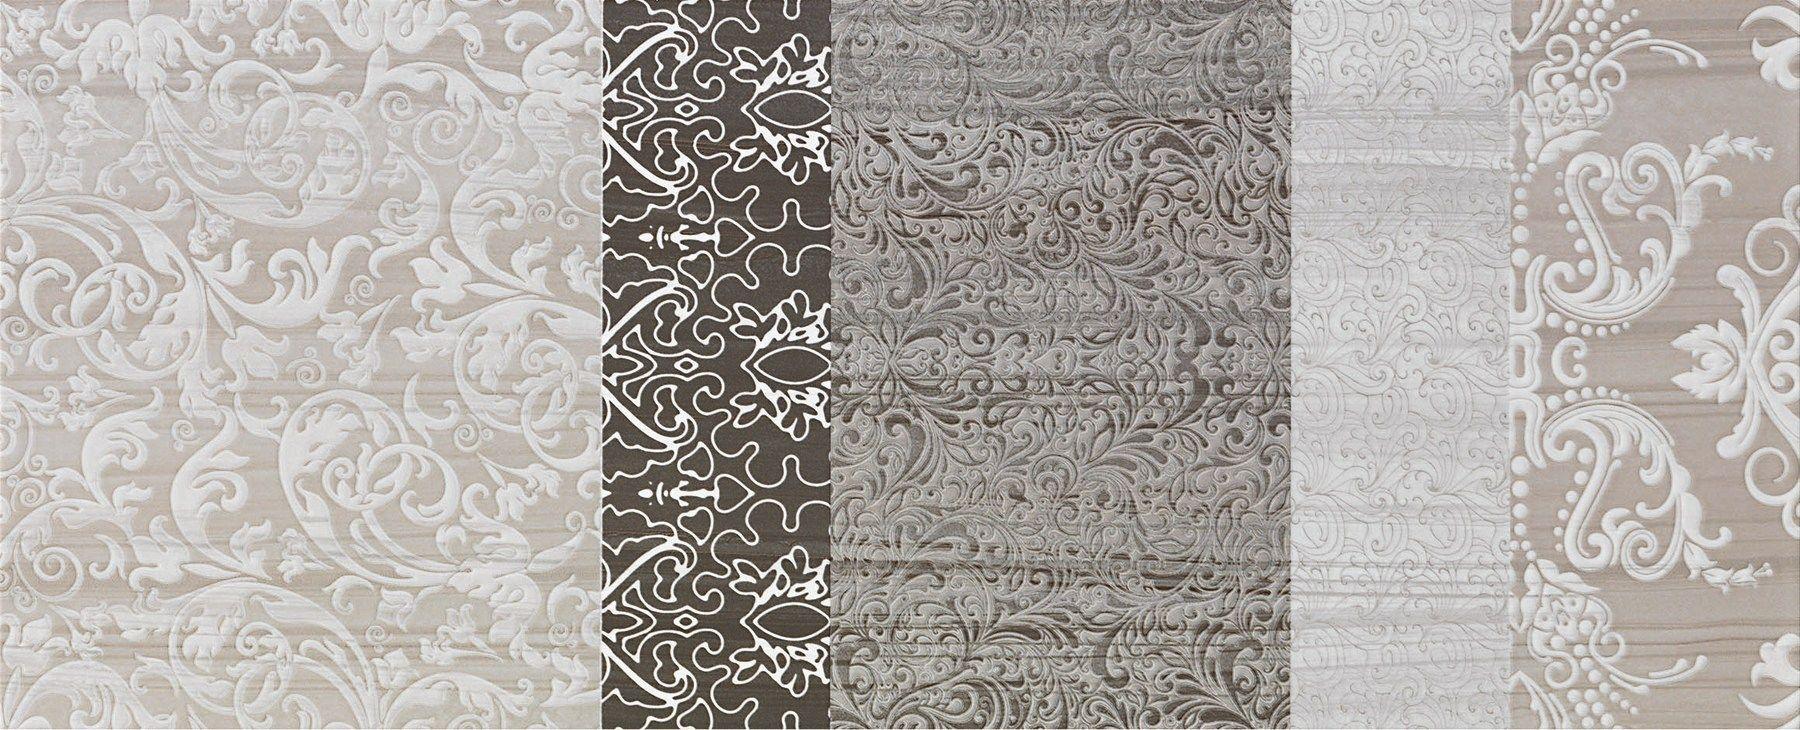 Rivestimento in ceramica a pasta bianca per interni SHINE Tormalina Collezione Shine by Impronta ...